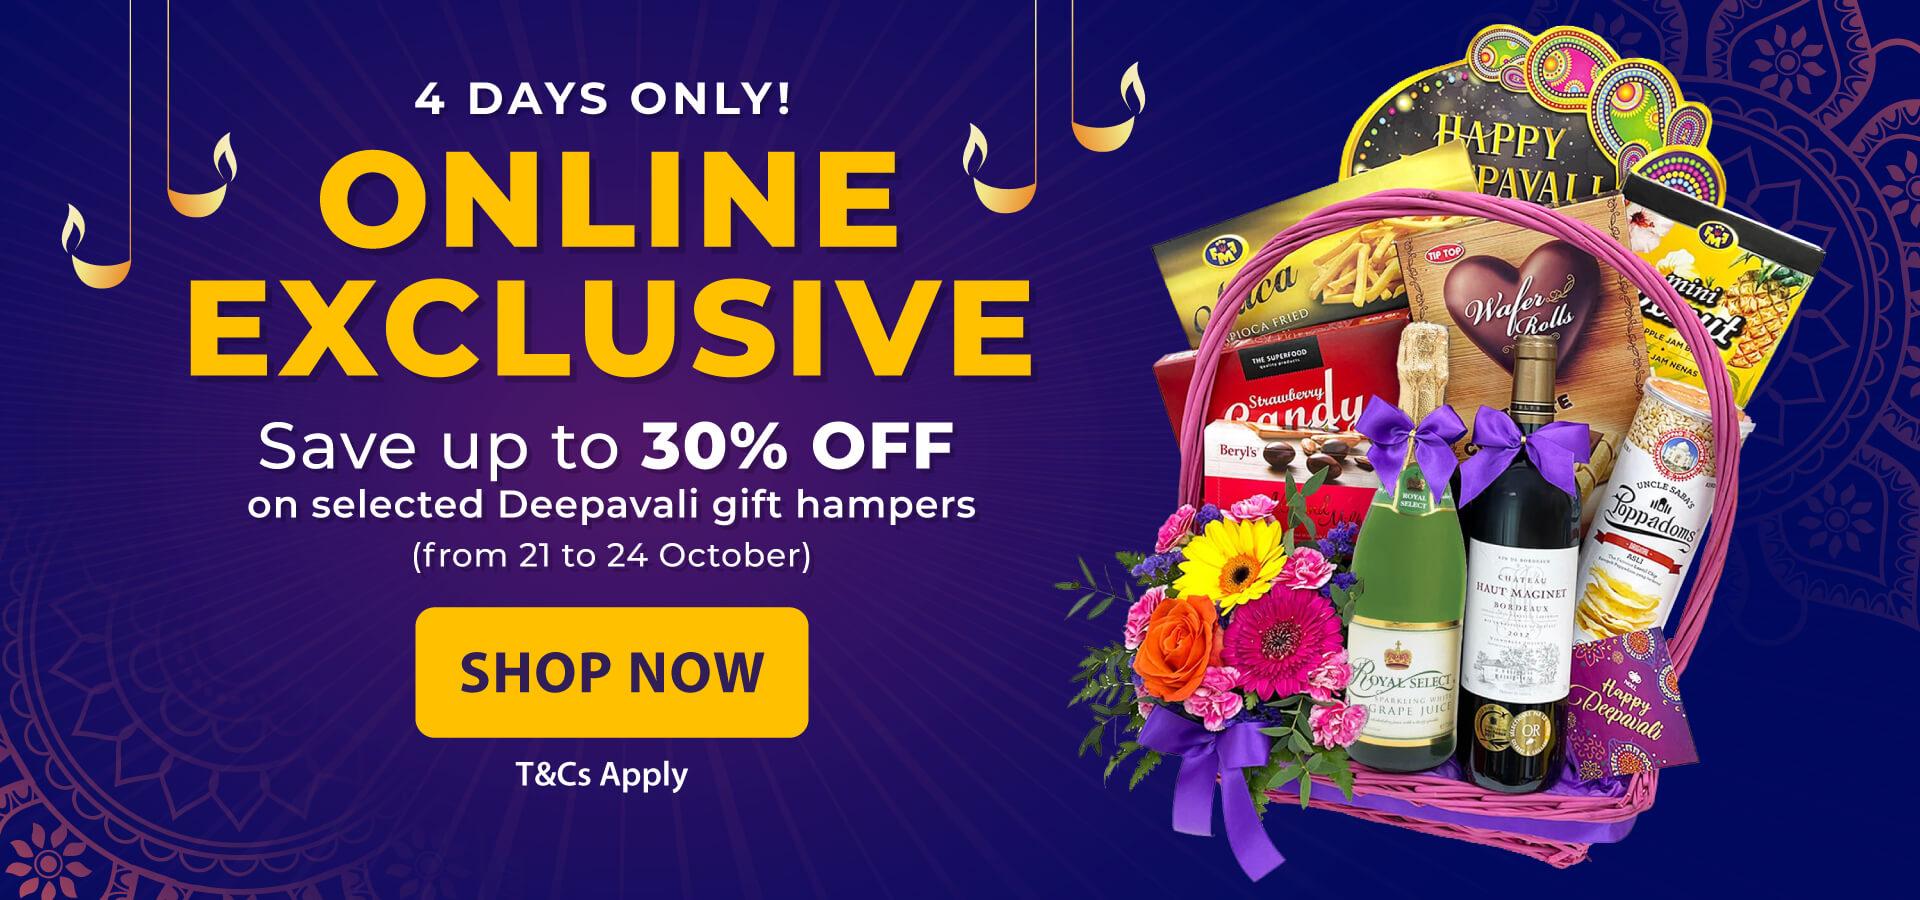 Deepavali 2021 Online Exclusive Gift Hampers